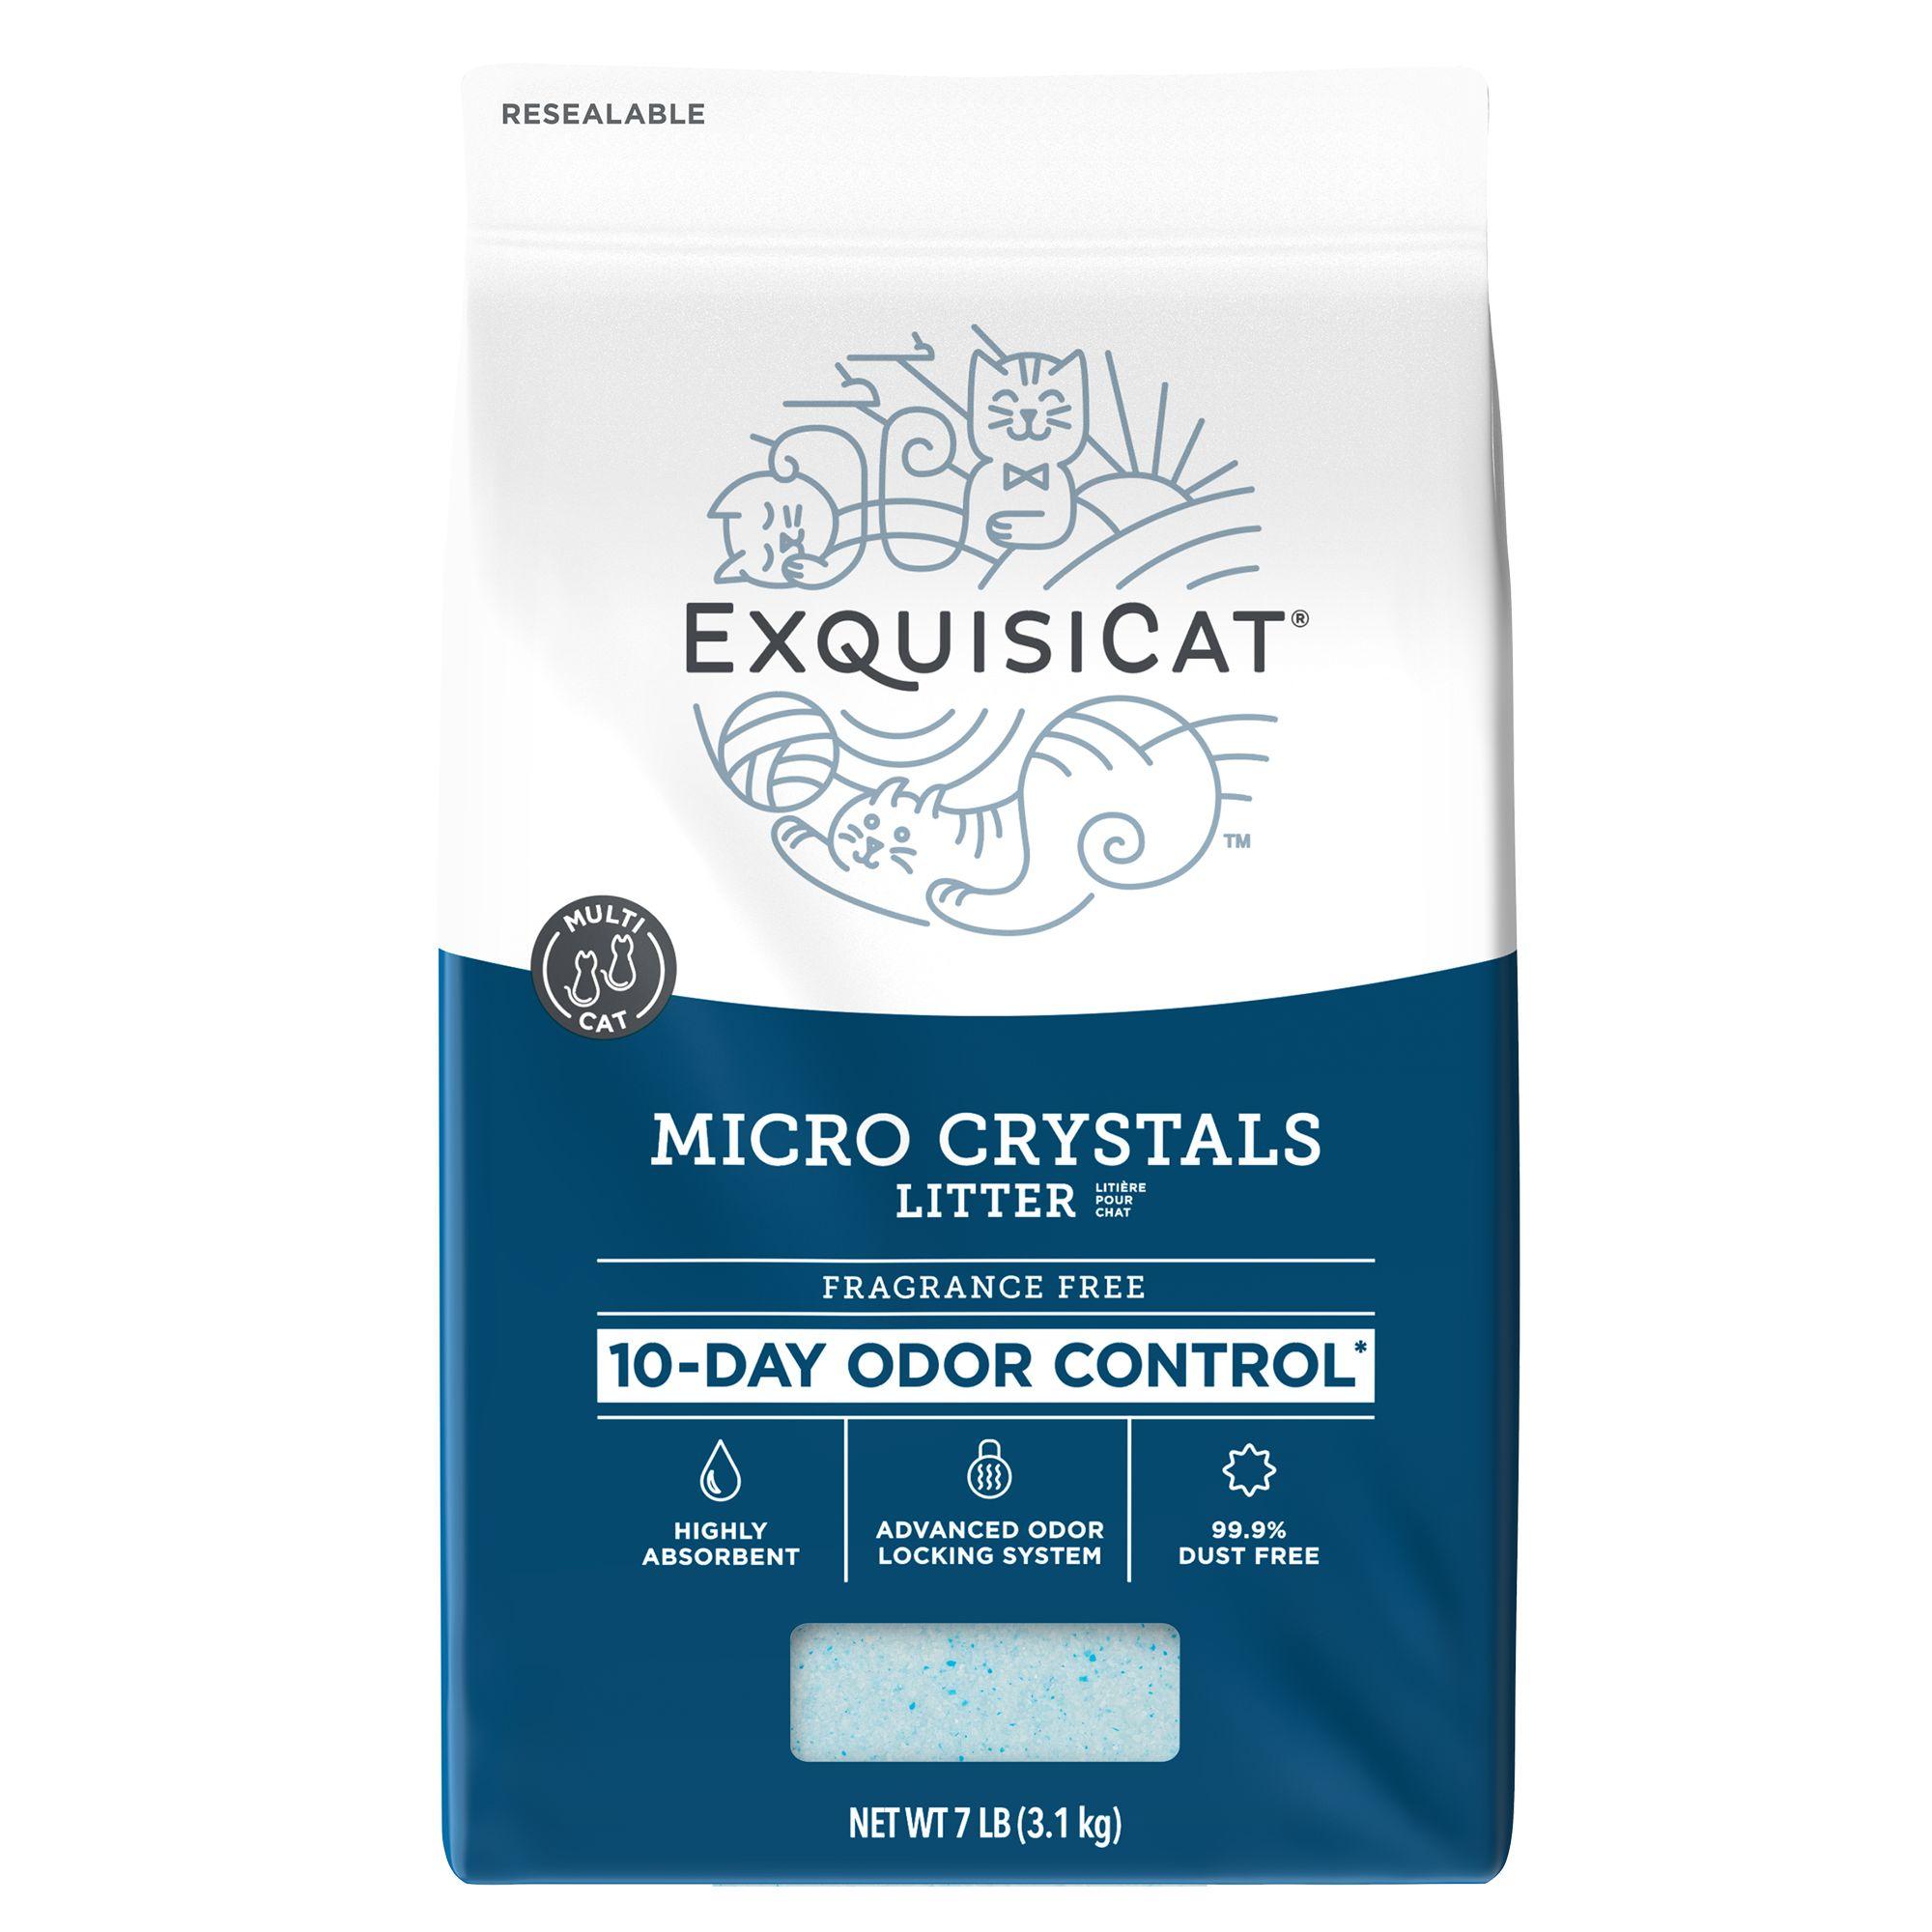 Exquisicat Micro Crystals Cat Litter Size 7 Lb